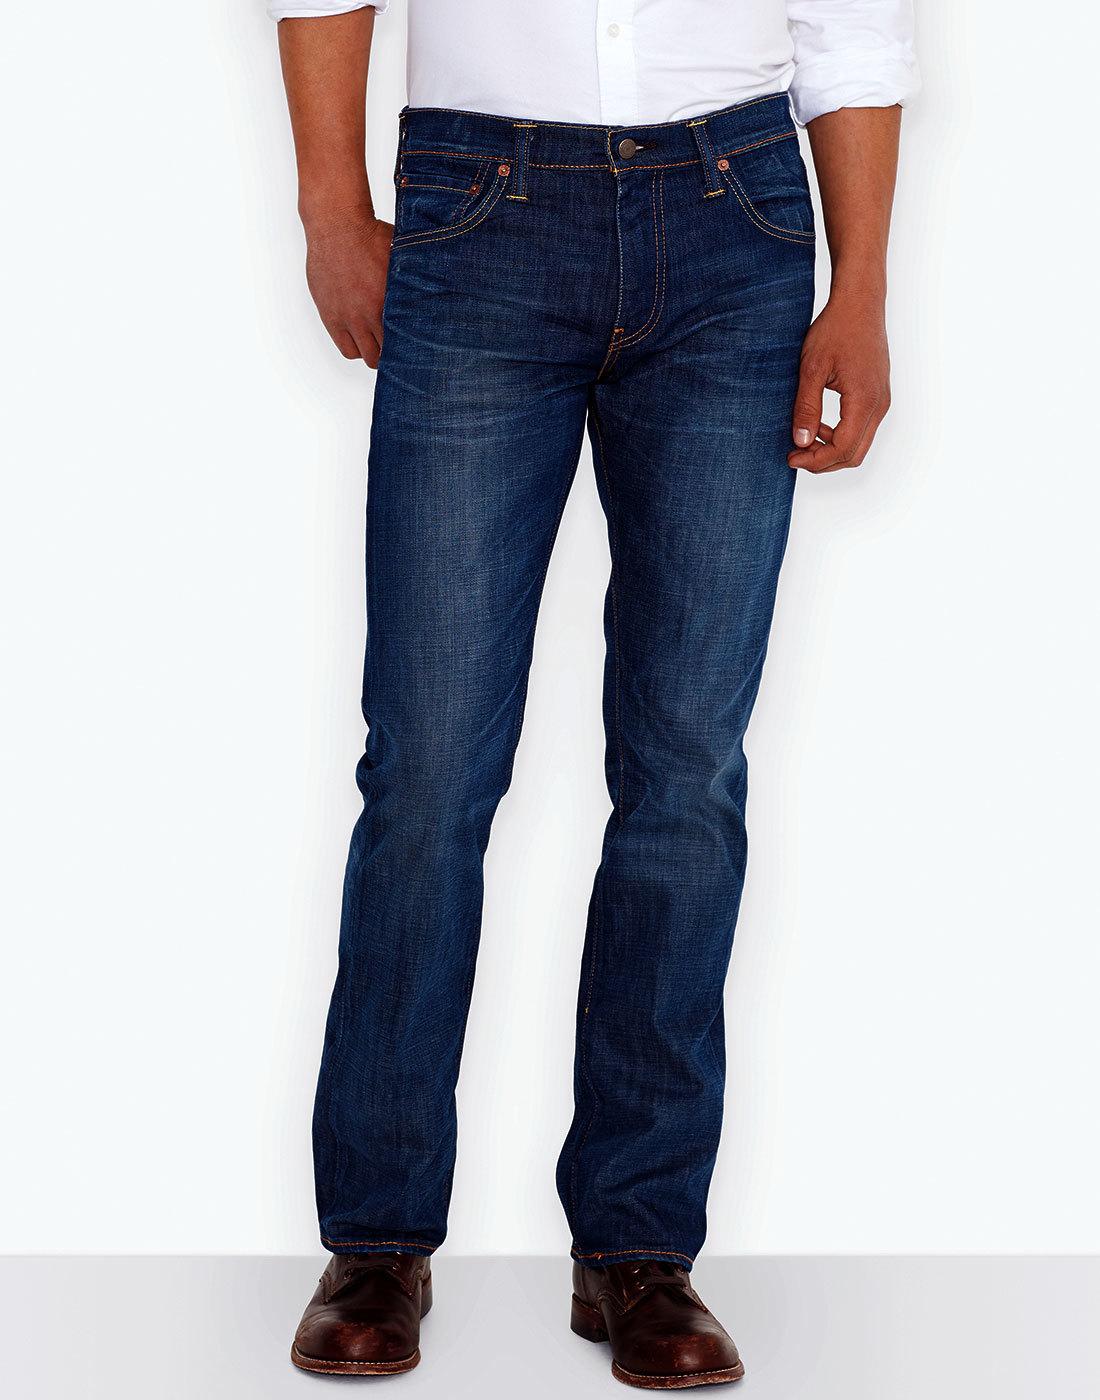 696e8e1f LEVI'S® 527 Retro Mens Slim Boot Cut Denim Jeans in Festival Rain